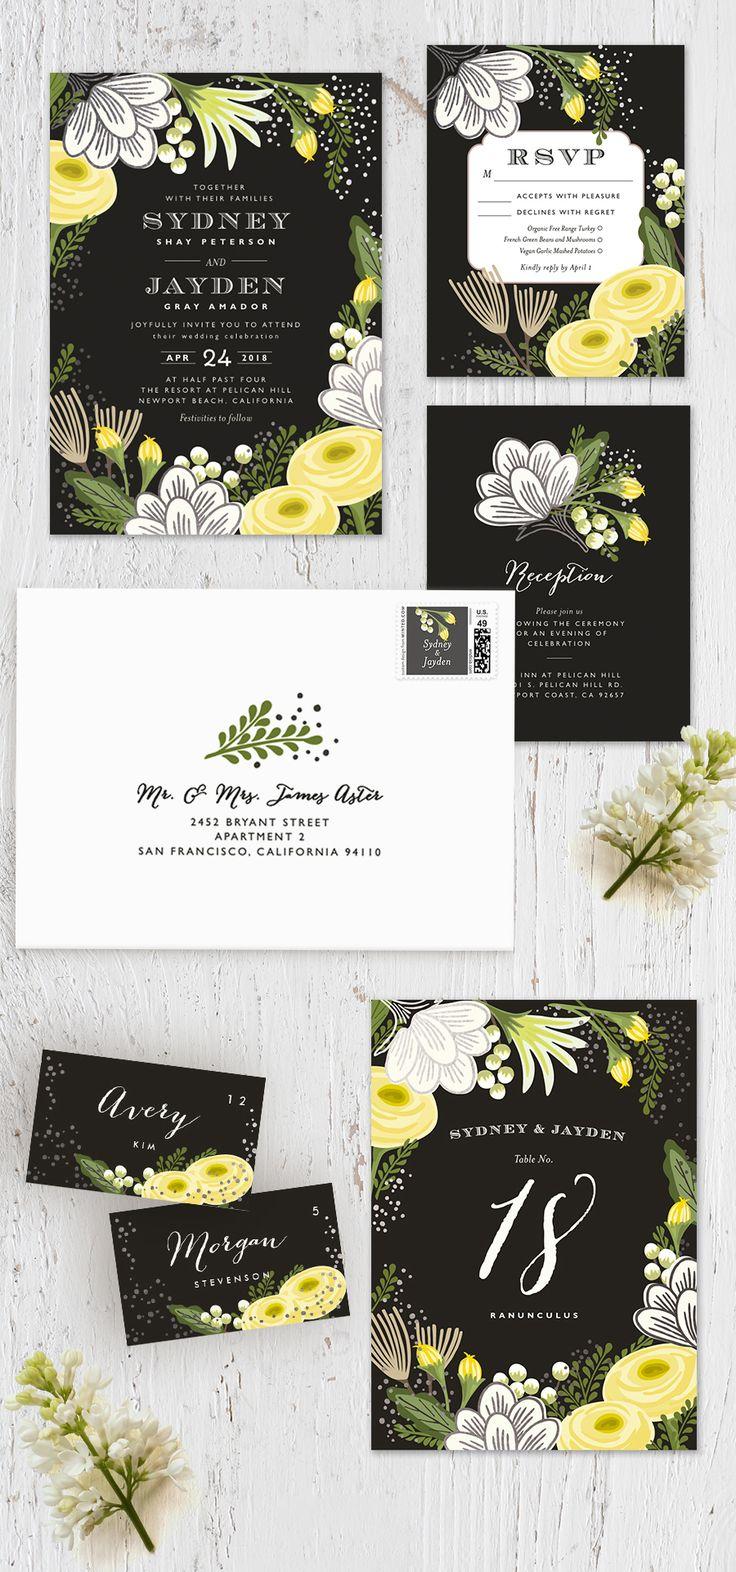 Bolero Customizable Foil pressed Wedding Invitations in